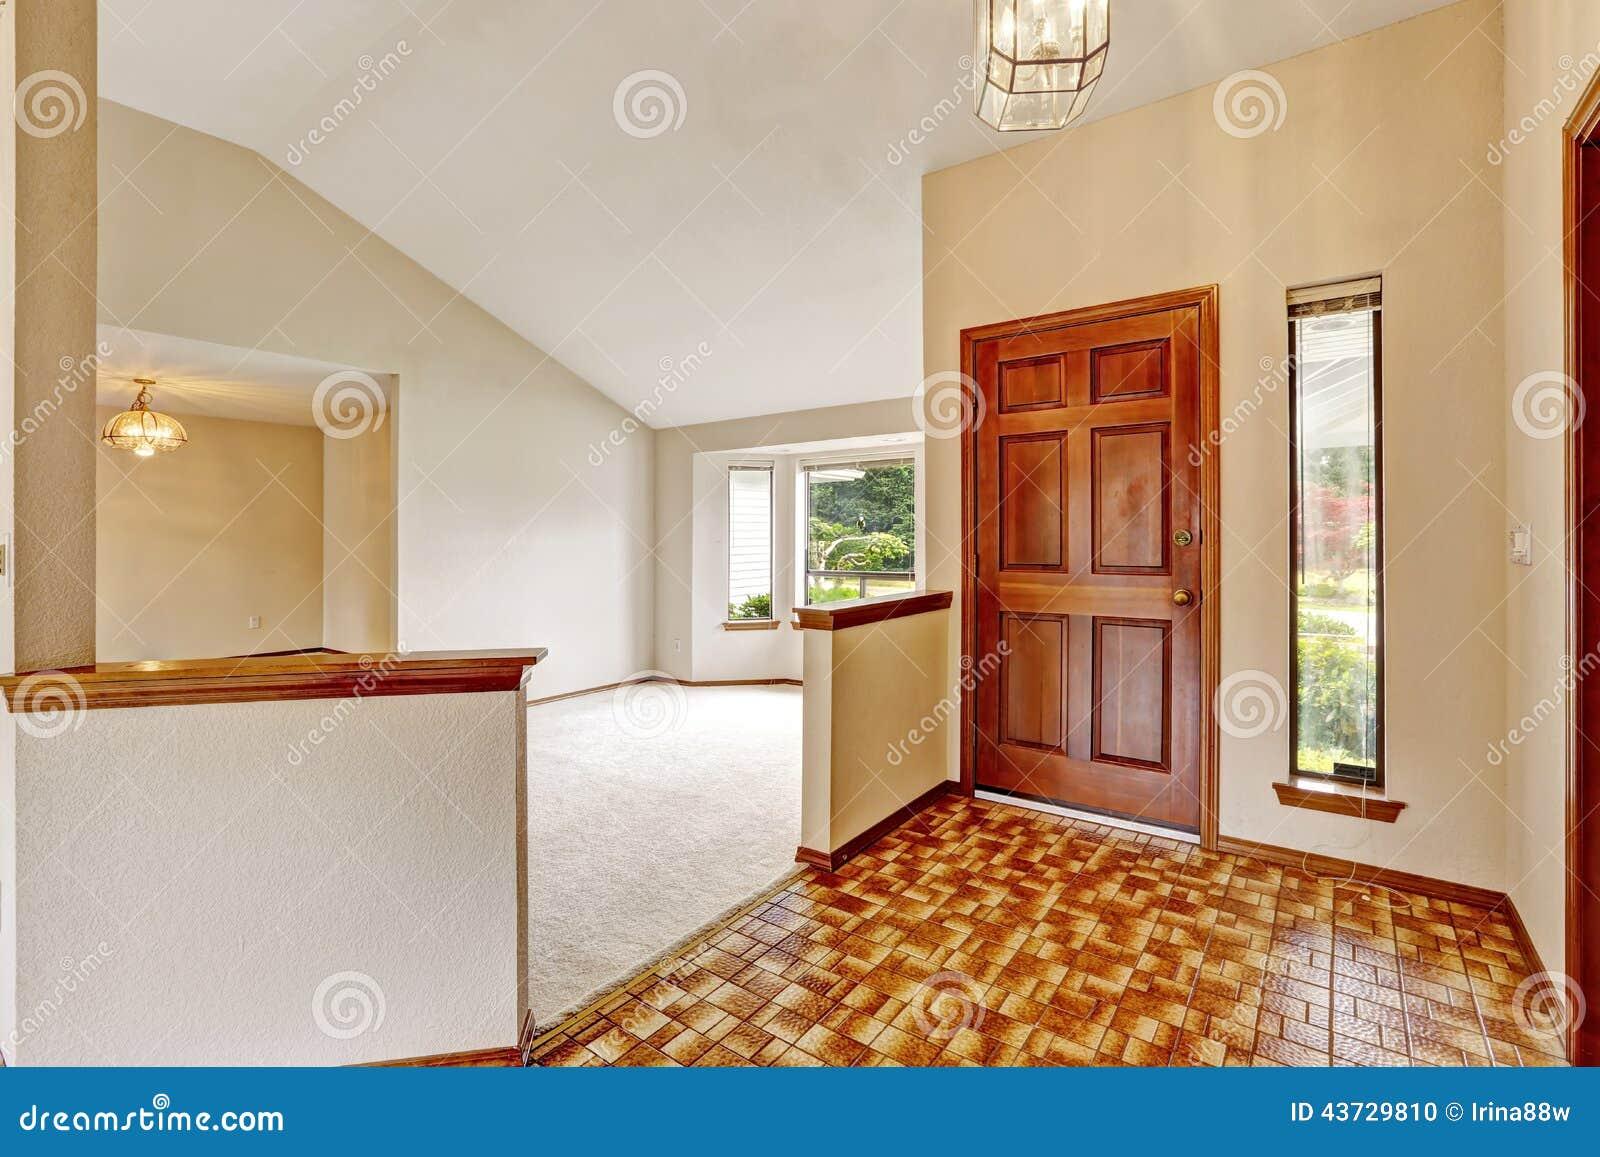 Empty House Interior Entrance Hallway With Brown Linoleum